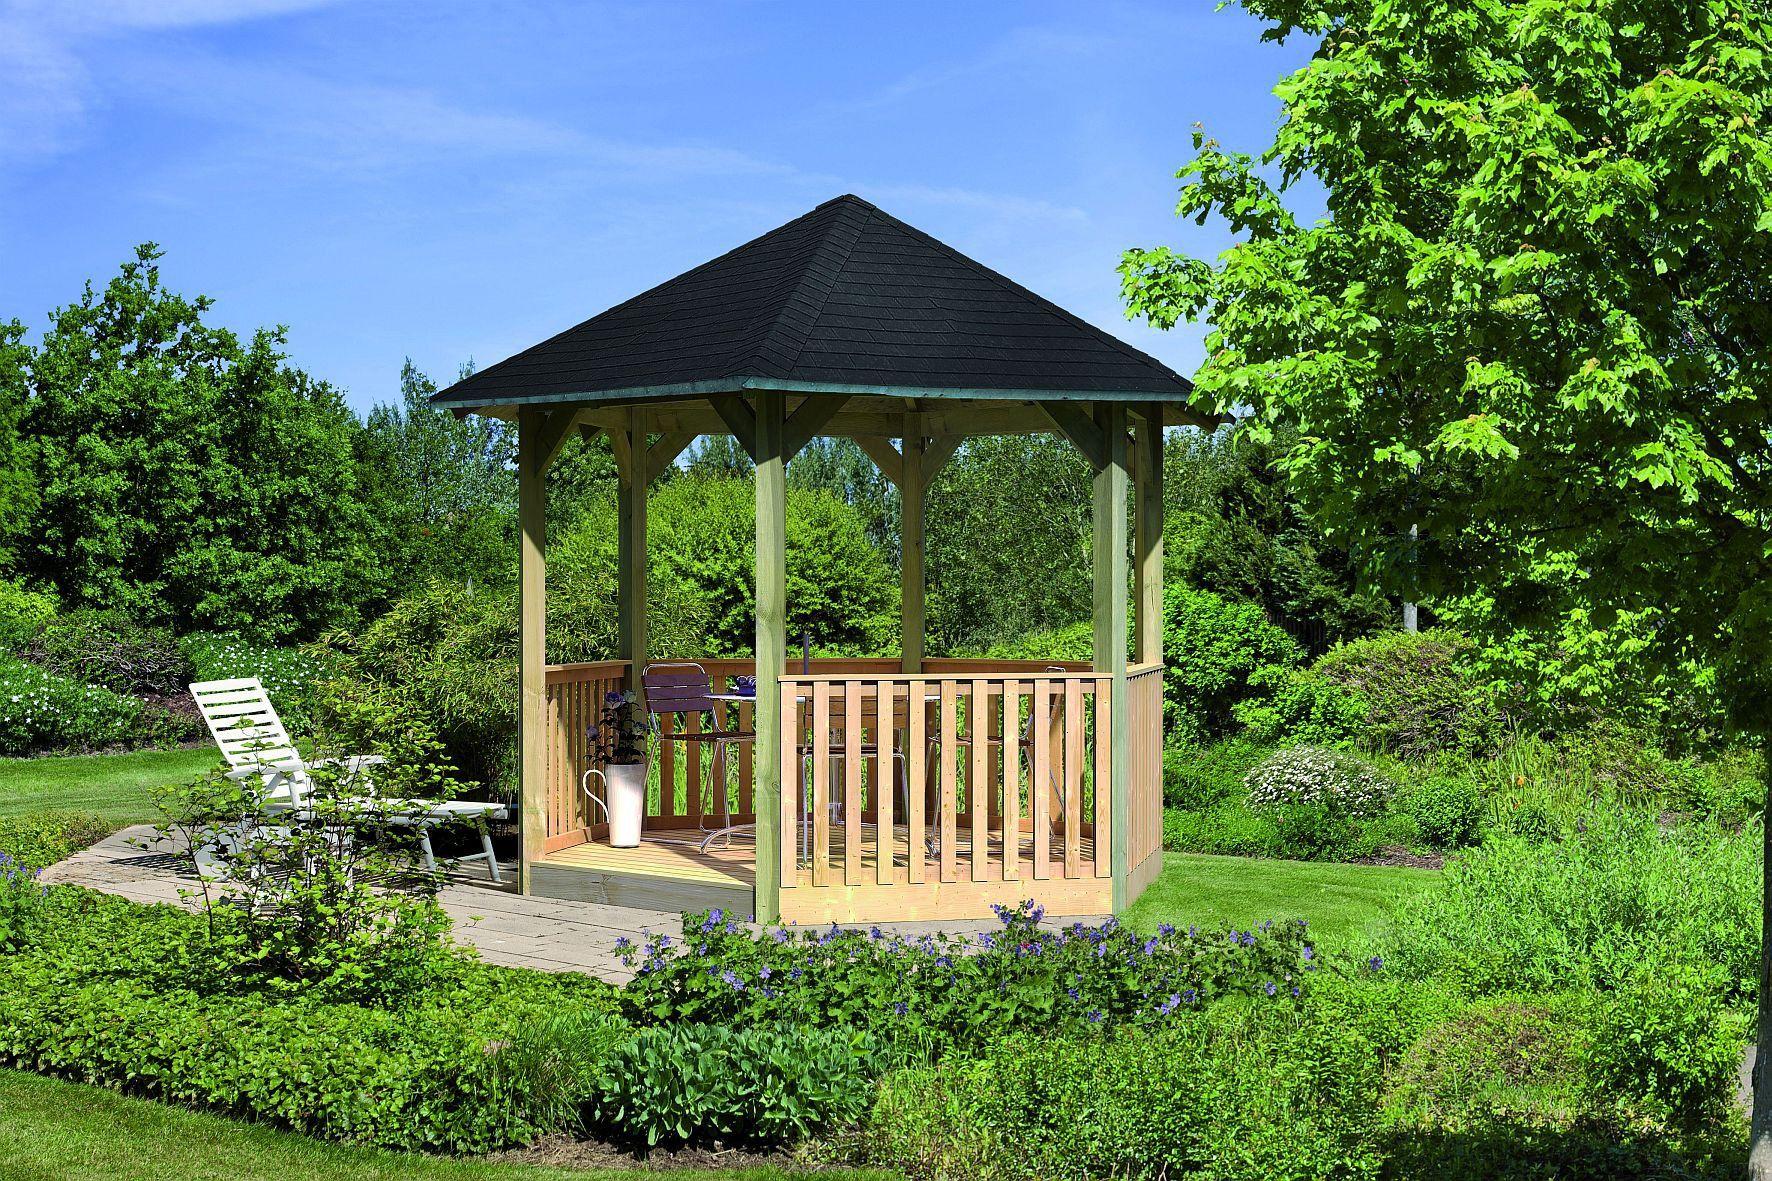 Profitez de ce Pavillon de jardin KIT MADRID idéal pour ...